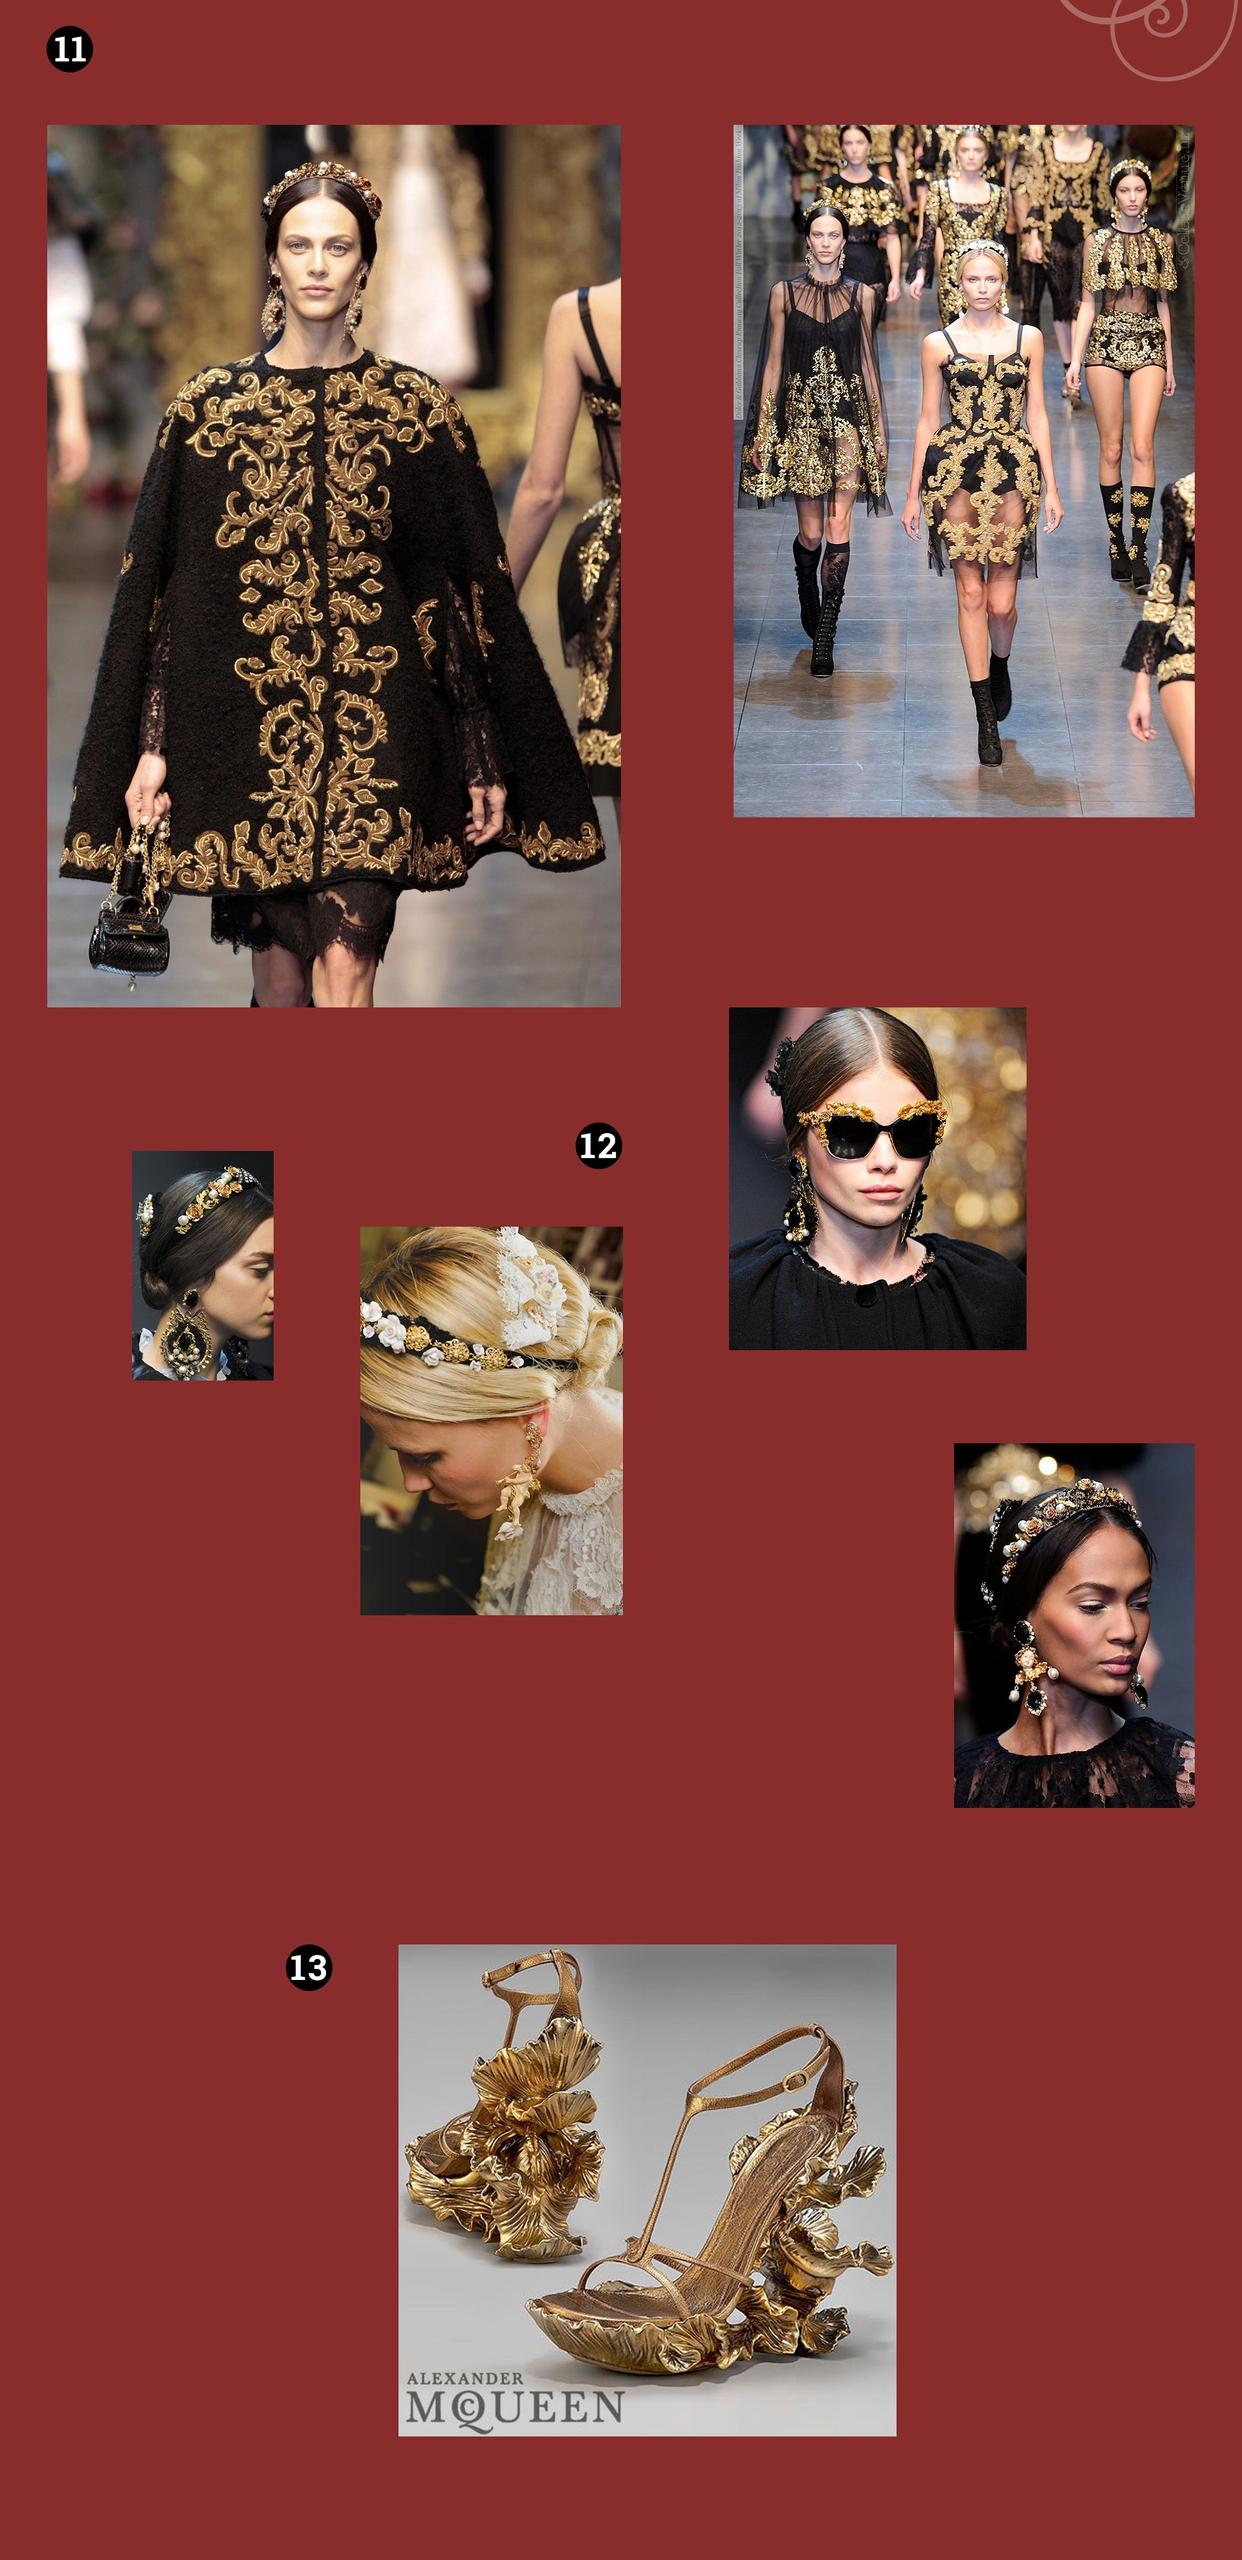 Obraz przedstawia siedem fotografii. Widzimy modelki w czarno-złotych strojach, oraz złote buty na obcasie. Całość na bordowym tle.